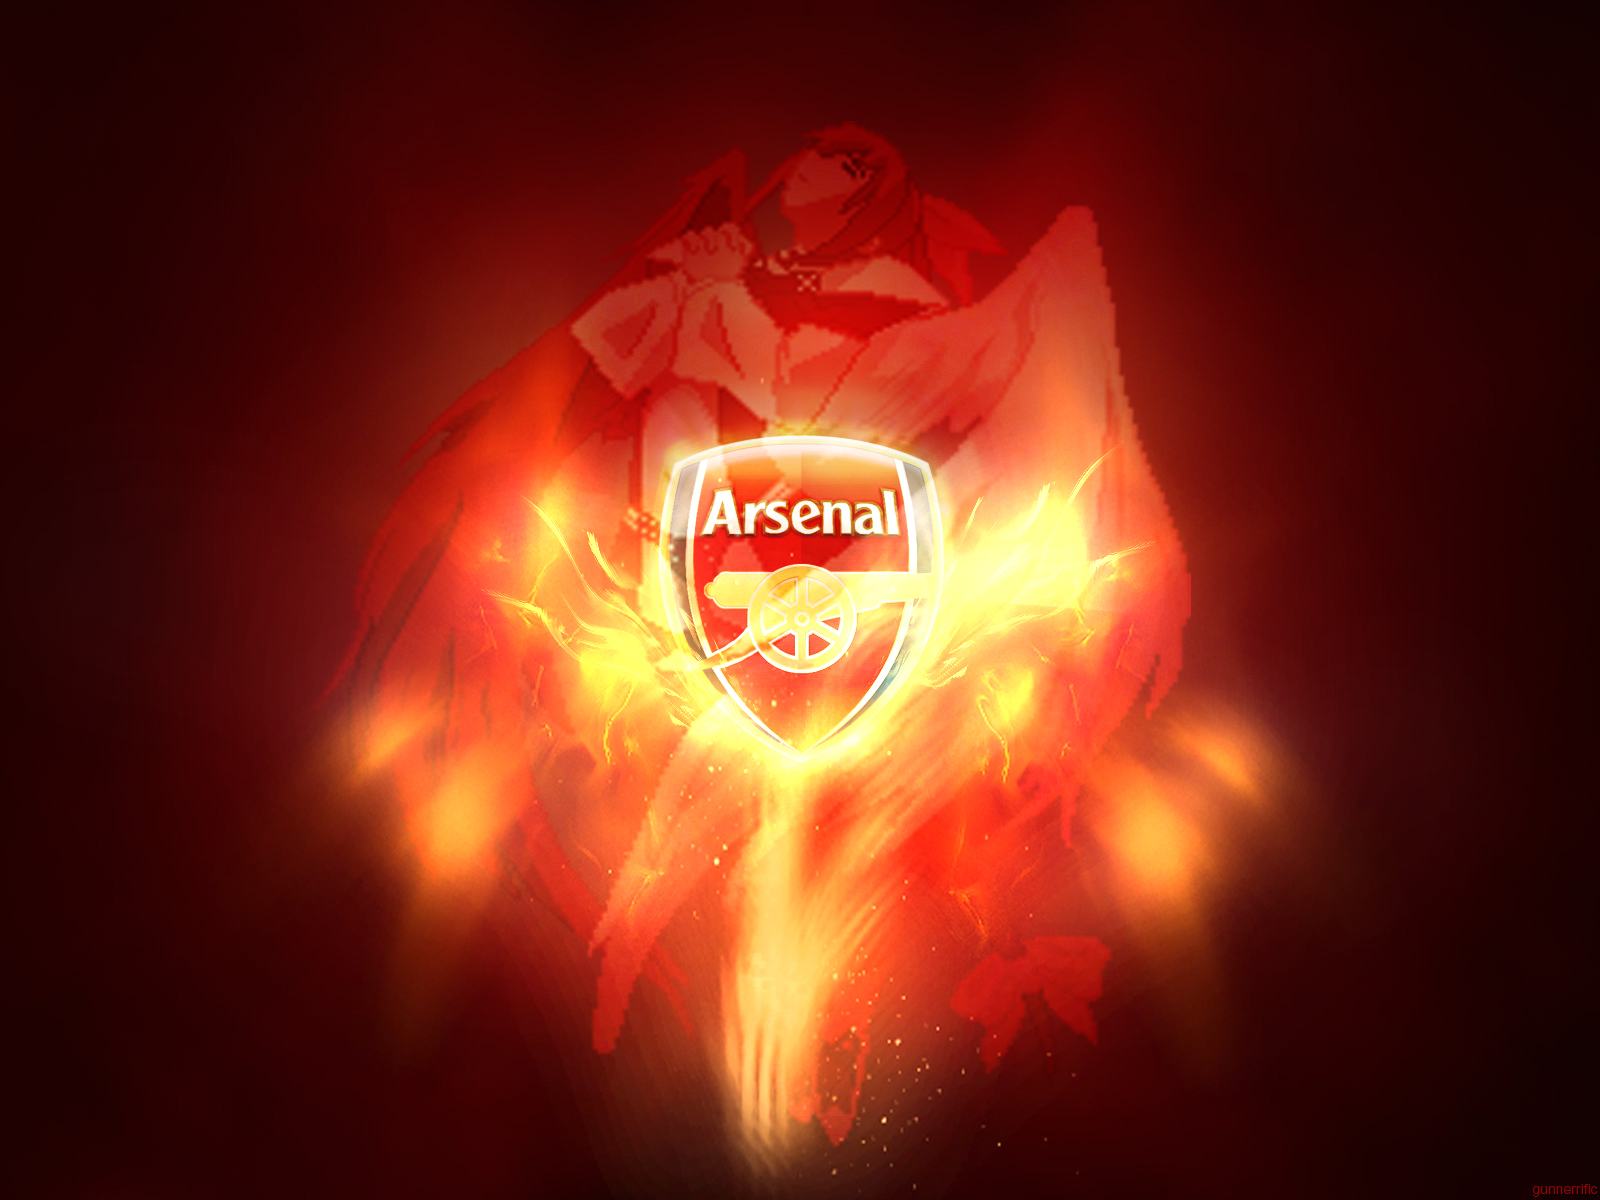 Ảnh logo arsenal